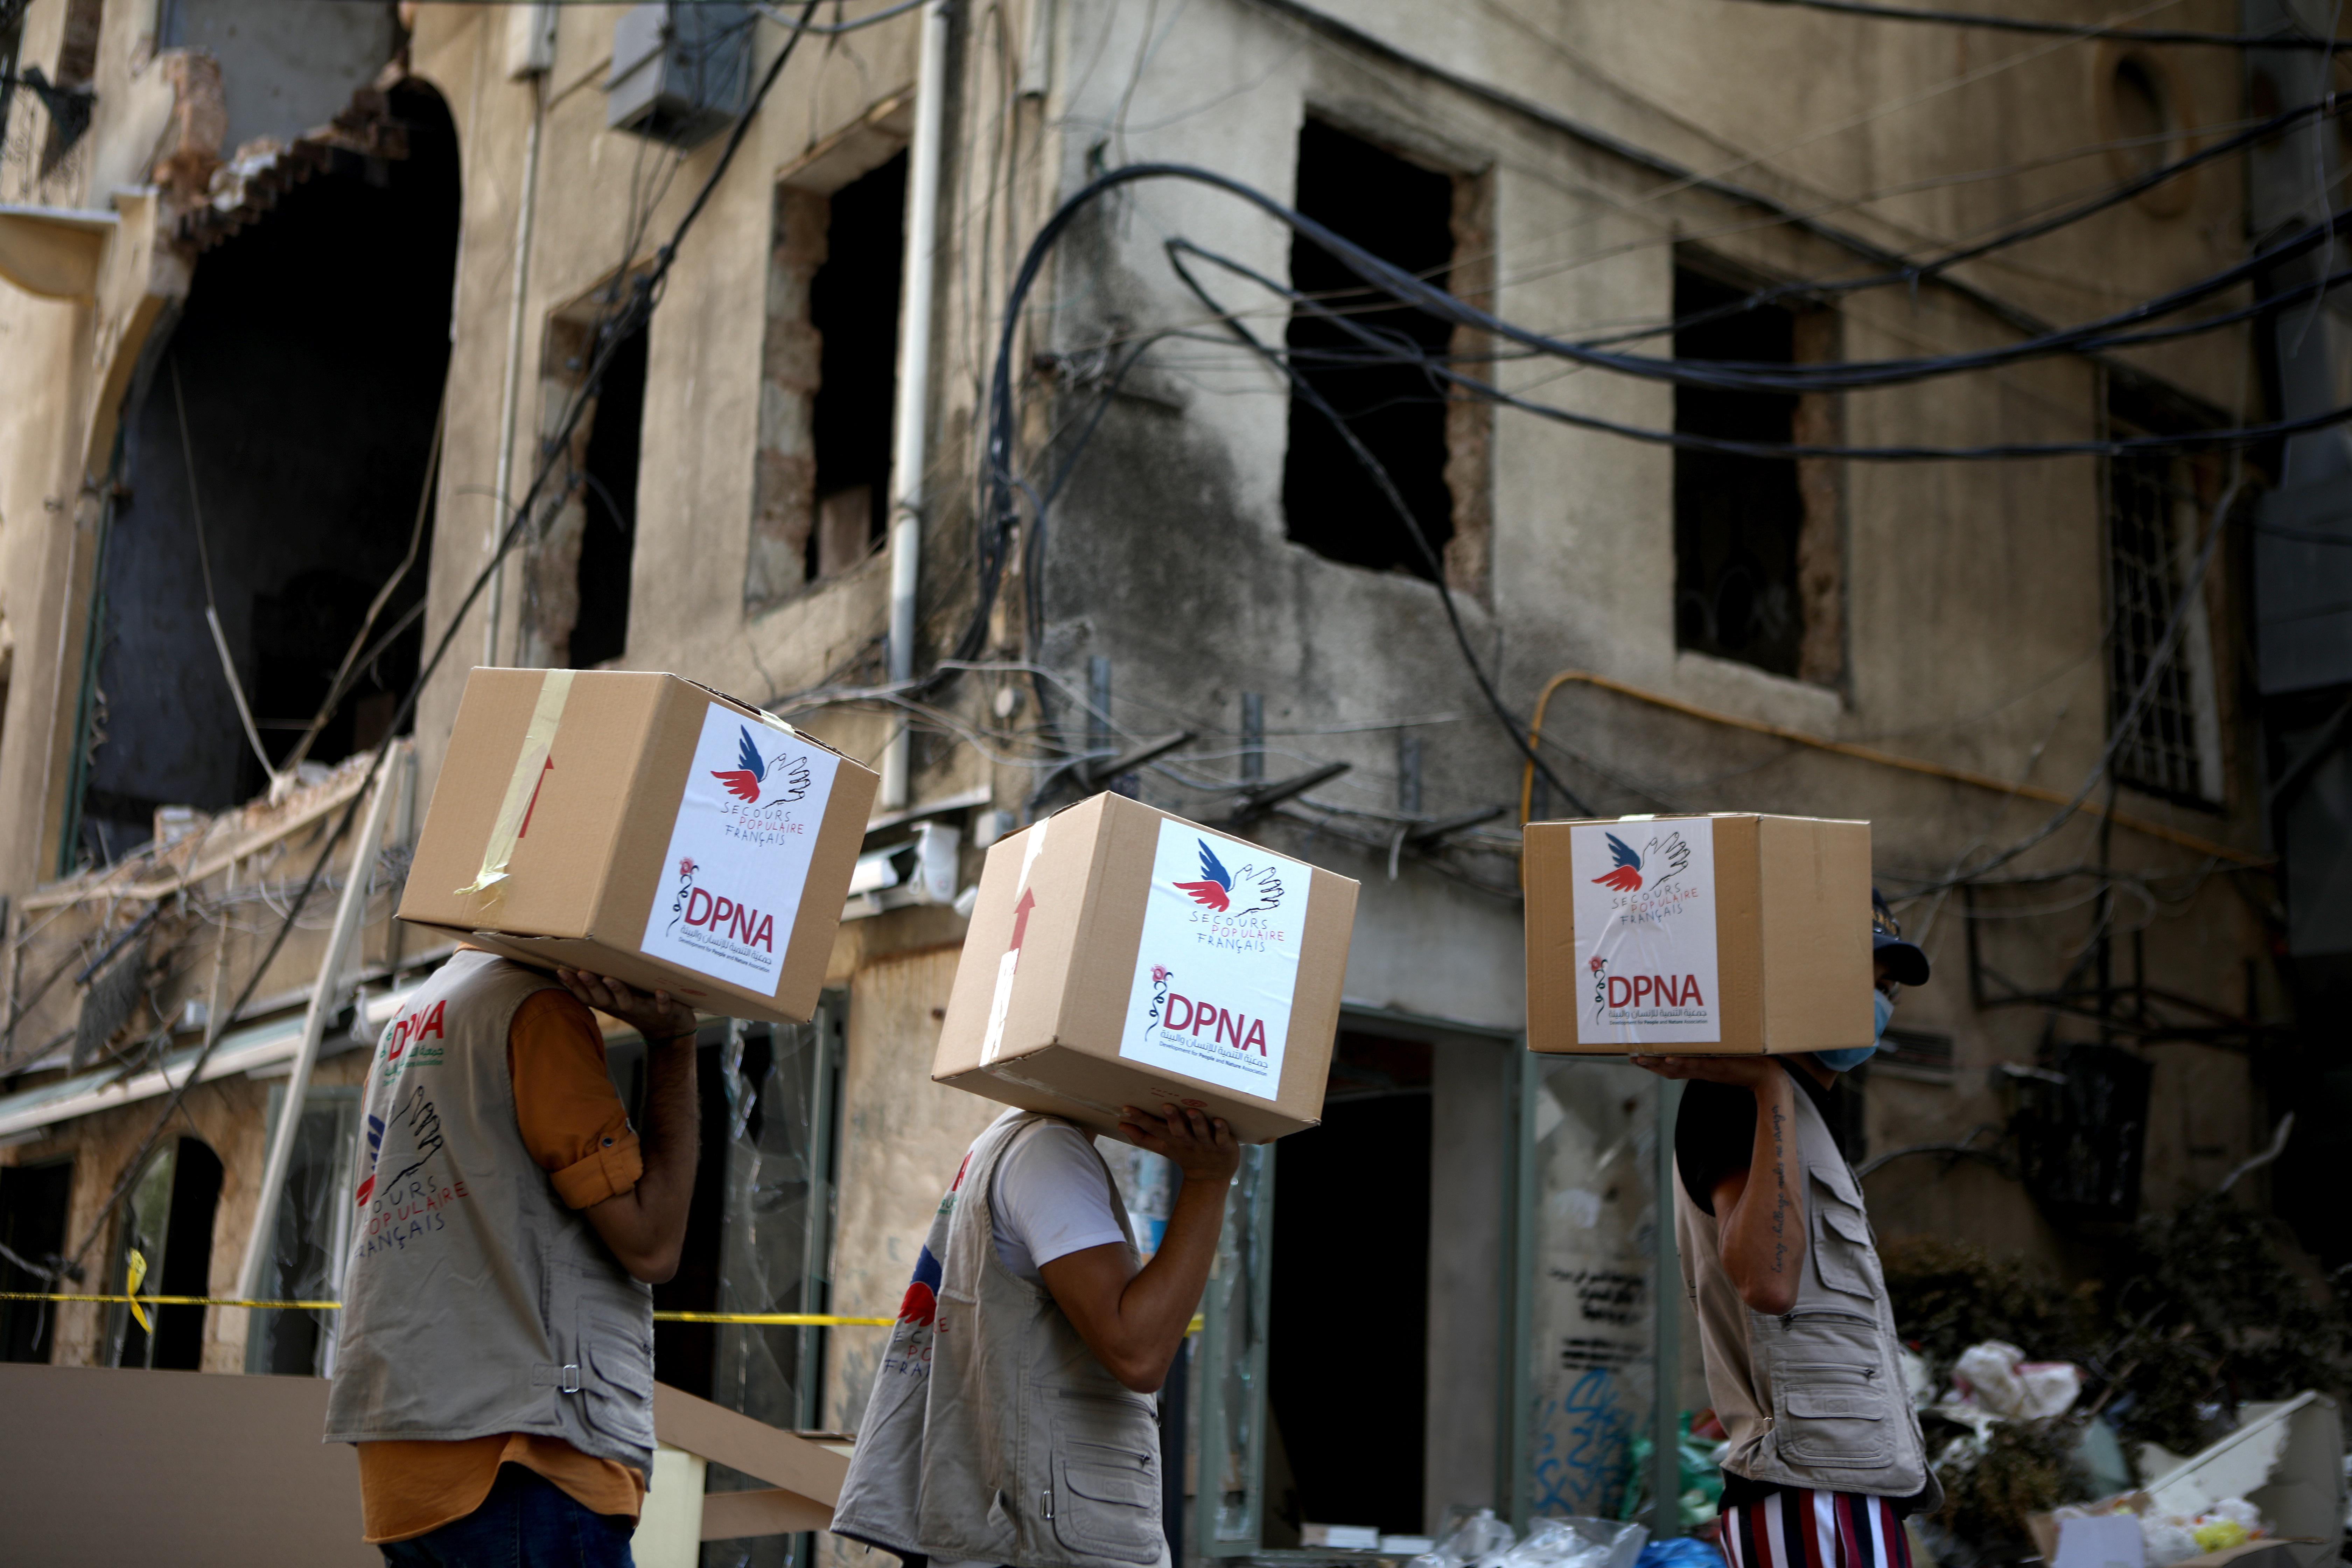 Trois volontaires de DPNA lors d'une distribution de colis d'urgence dans une rue de Beyrouth